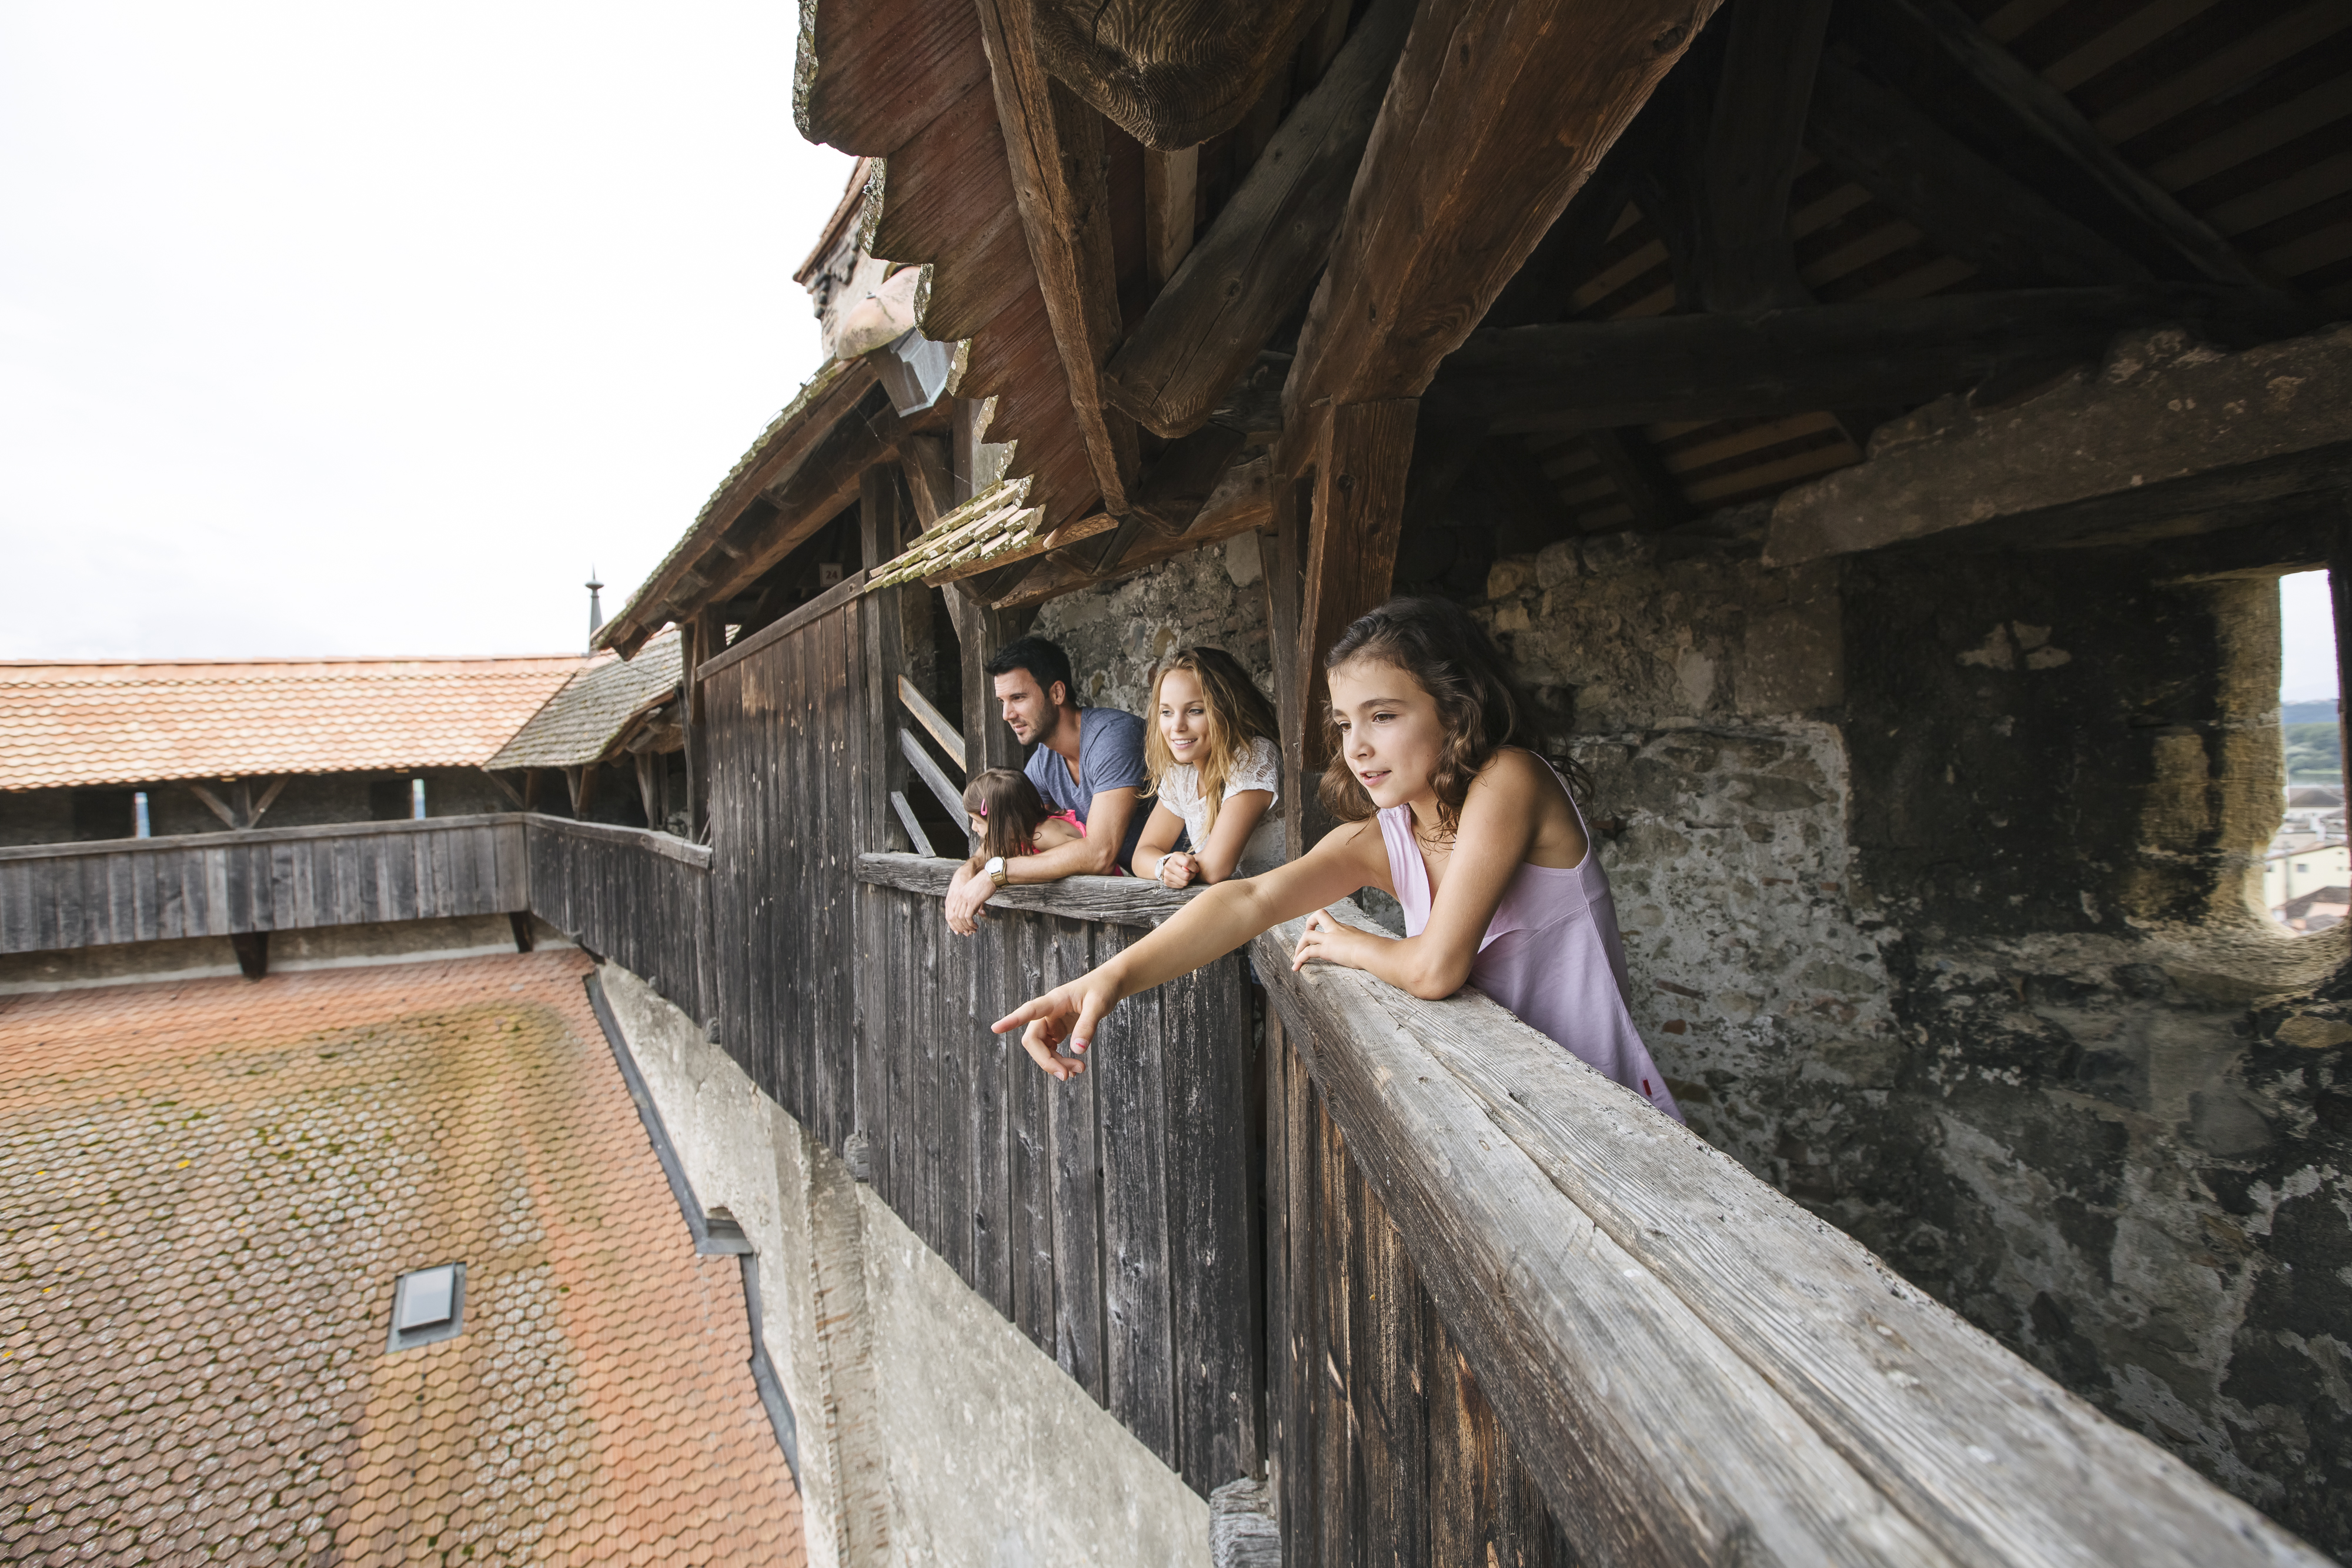 Les plus beaux villages de Suisse romande - Grandson (Vaud)